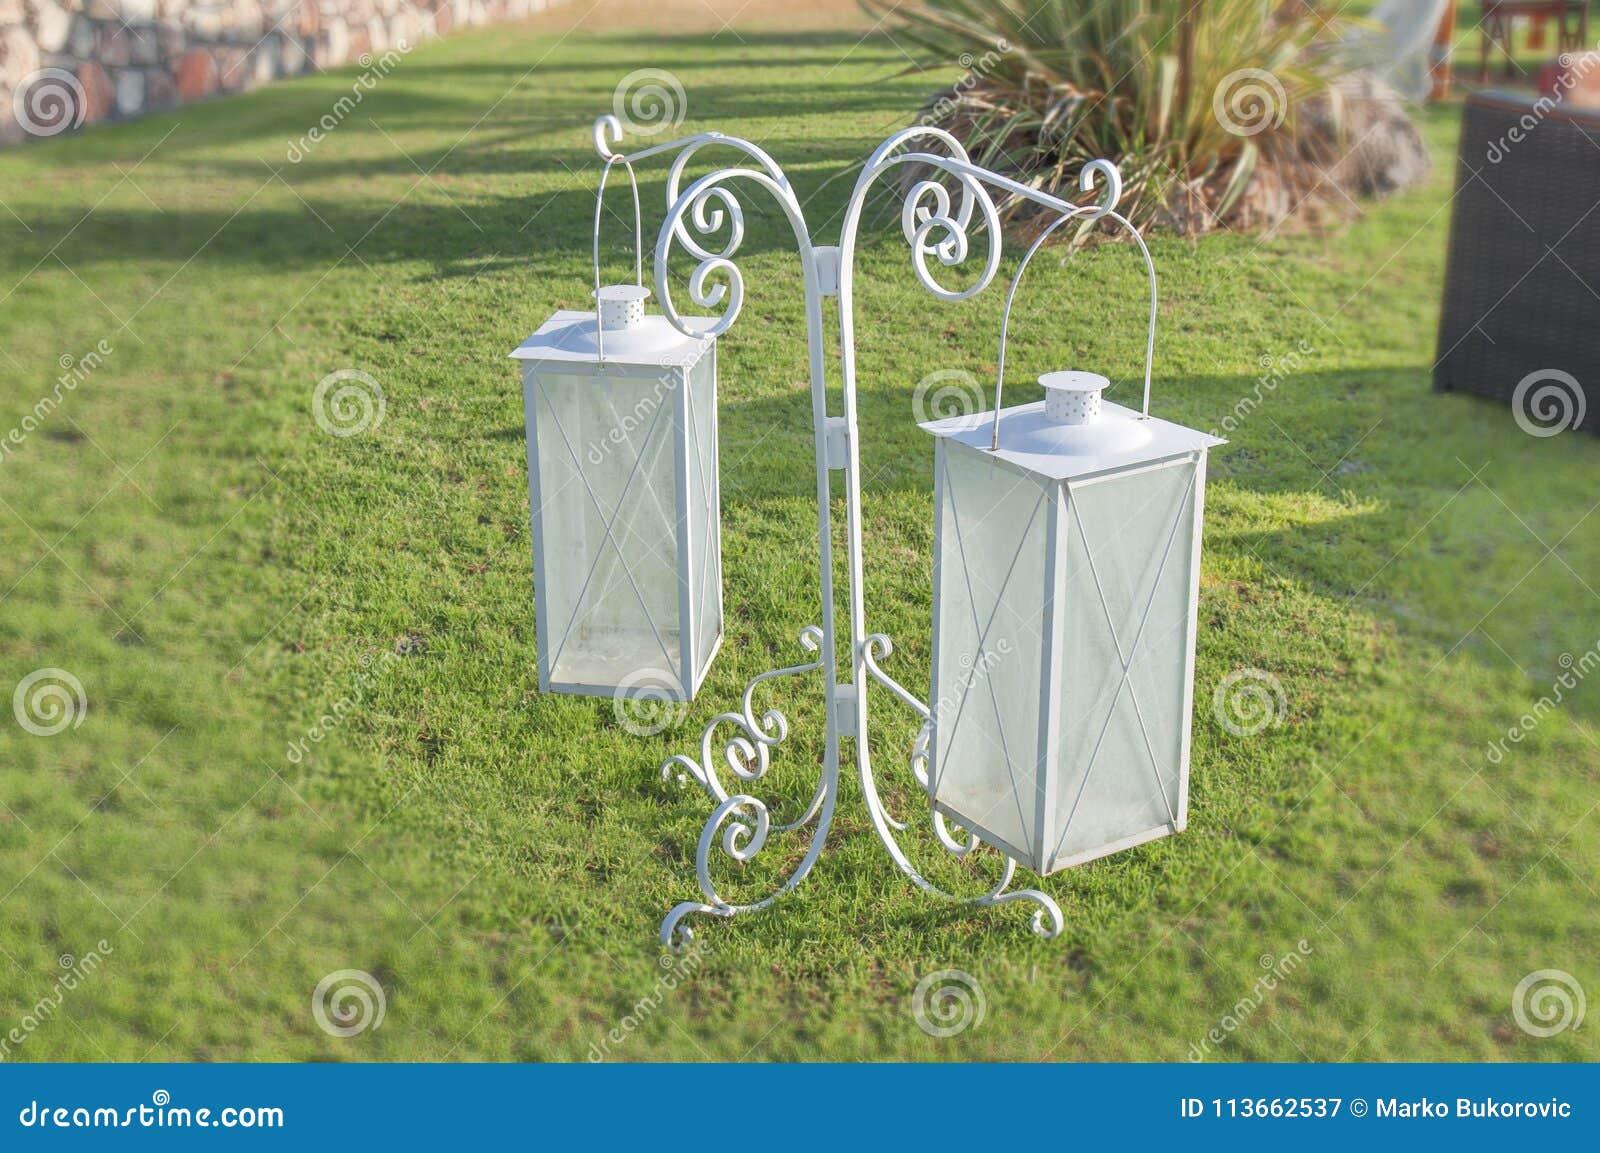 Lanterne Bianche Da Esterno.Le Lanterne Bianche Della Decorazione Del Ferro Nel Giardino Della